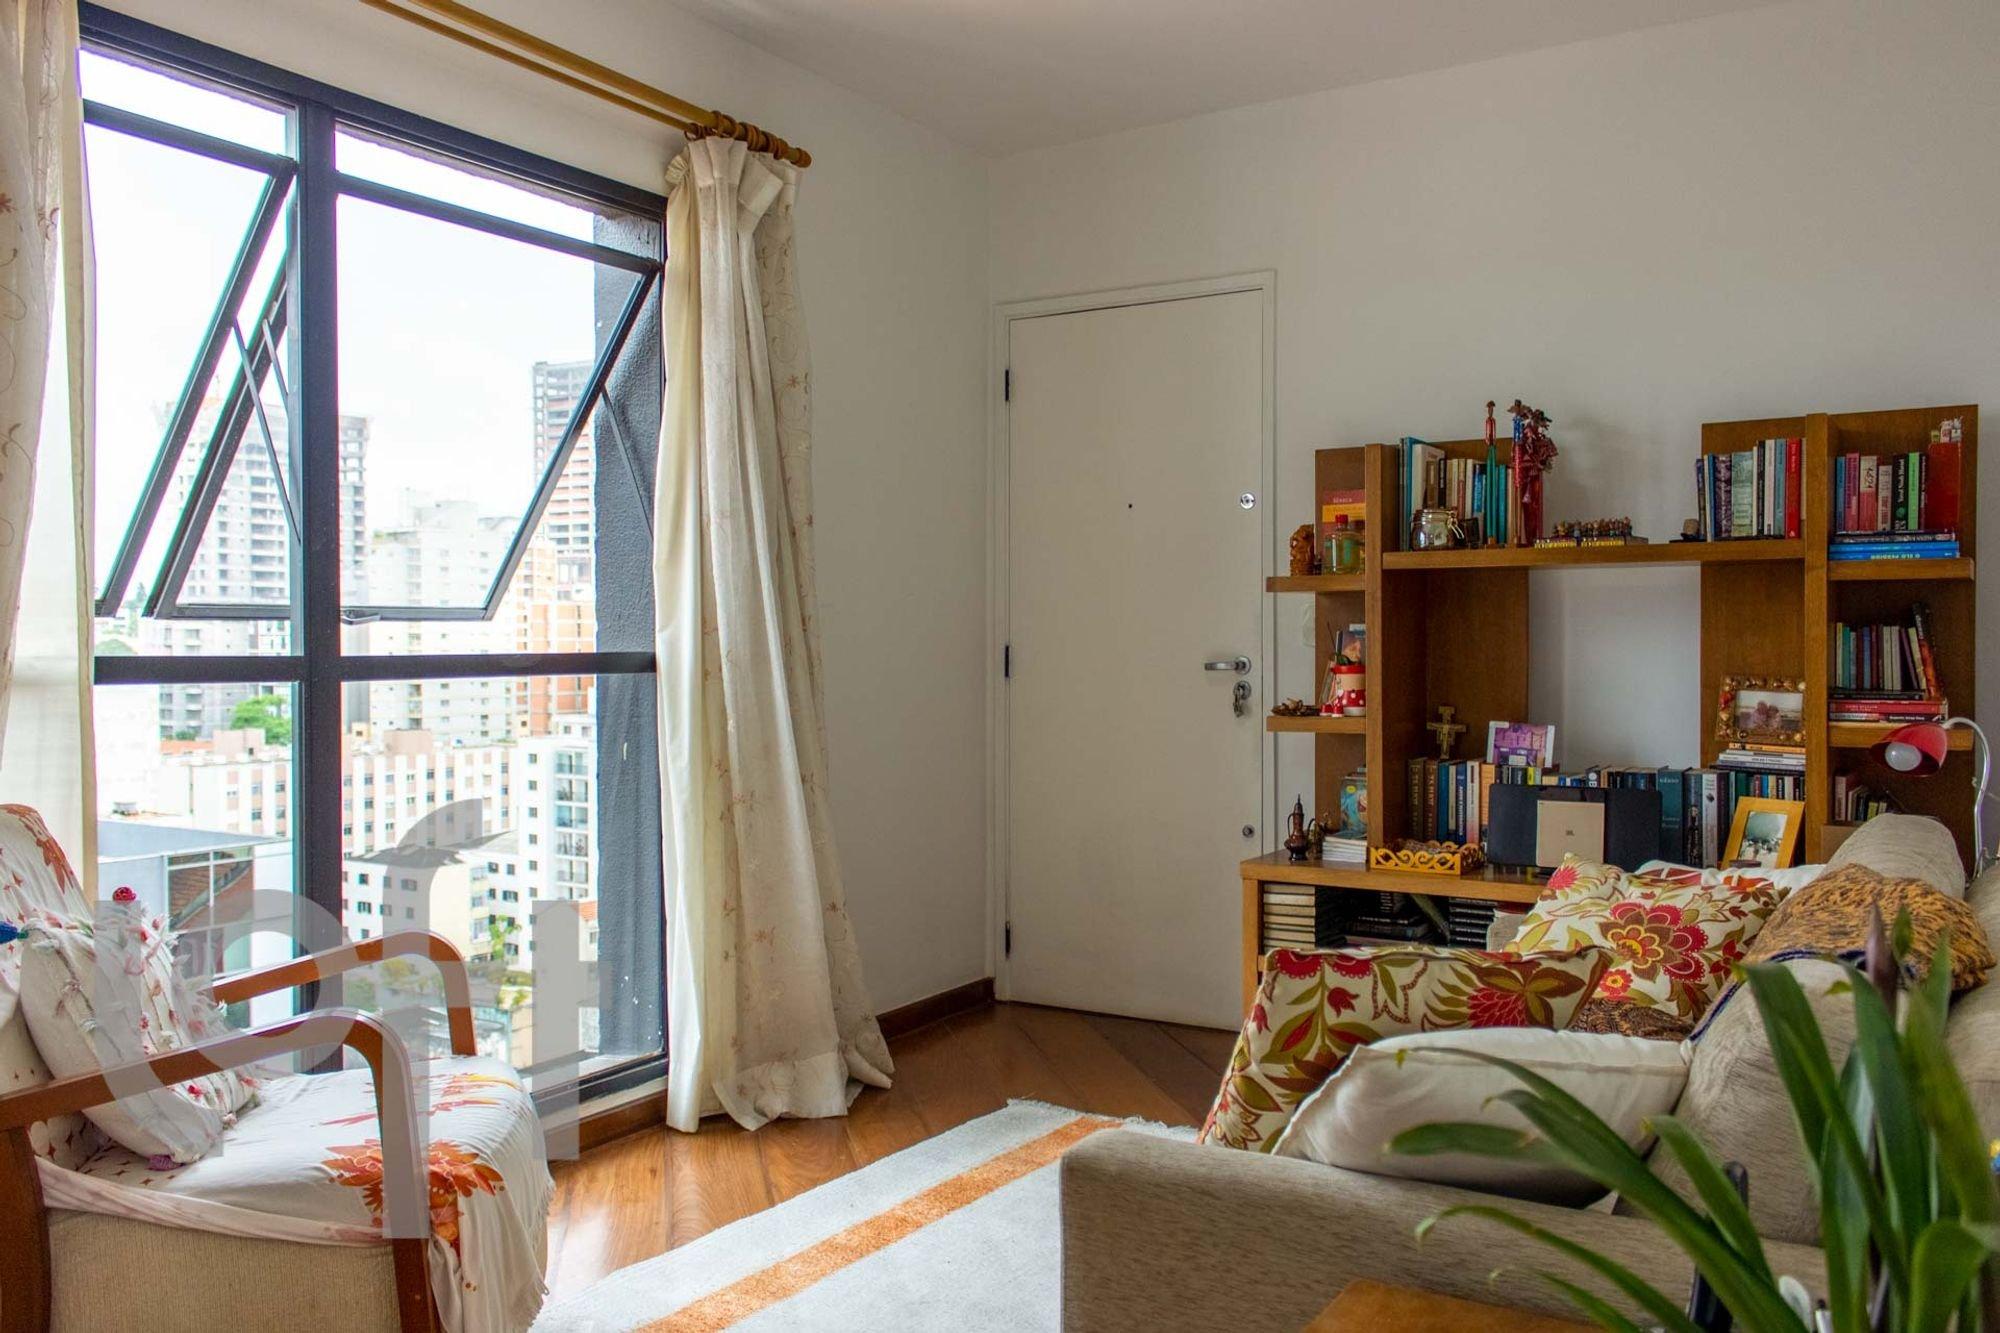 Foto de Quarto com sofá, cadeira, livro